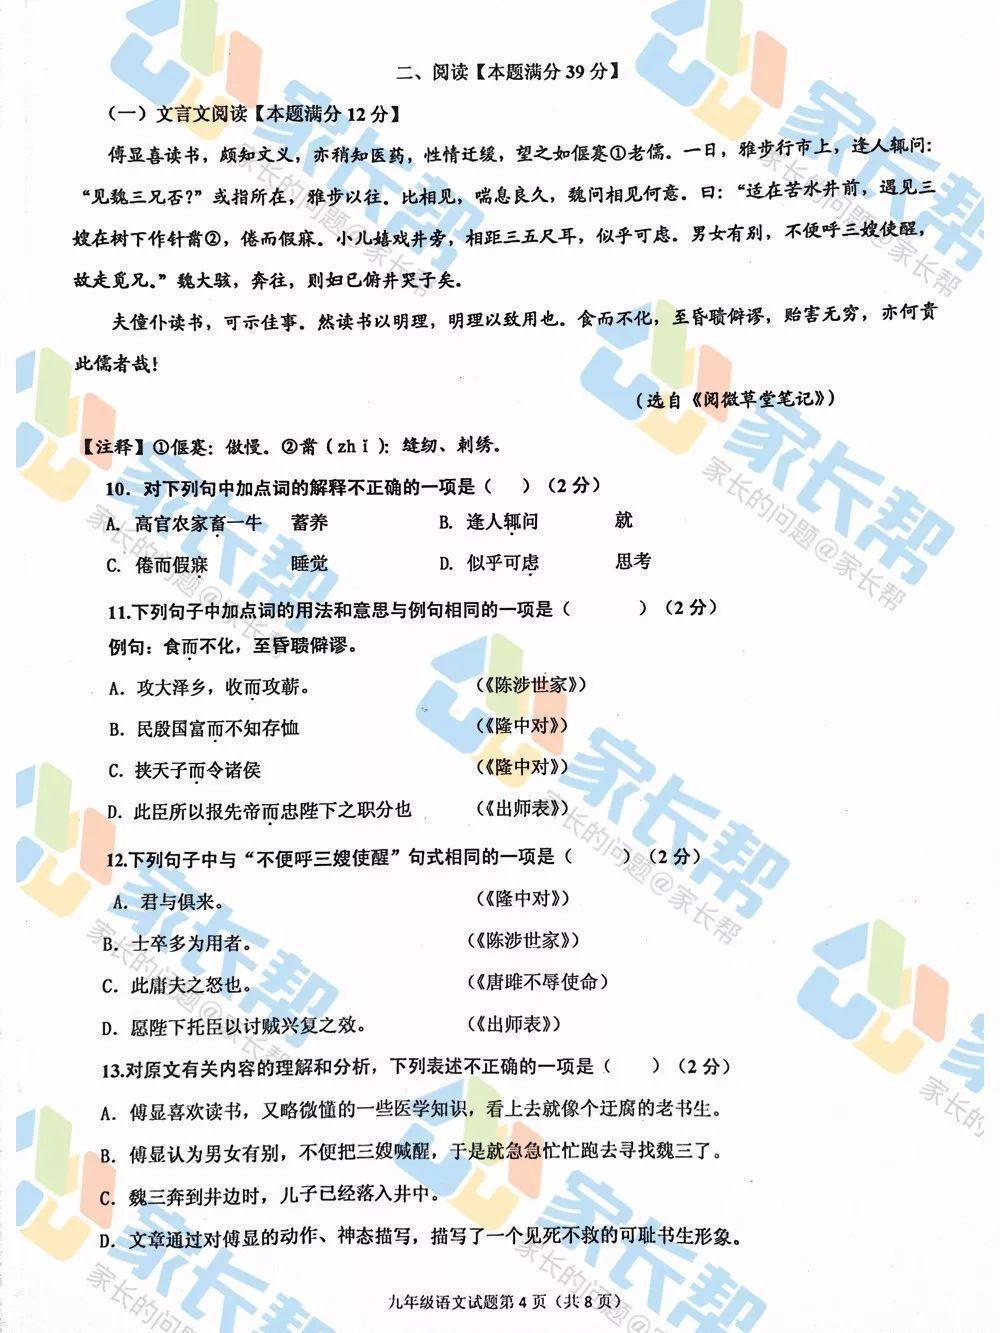 【上海共享早餐会】敏敏老师与您畅谈美国留学的申请策略